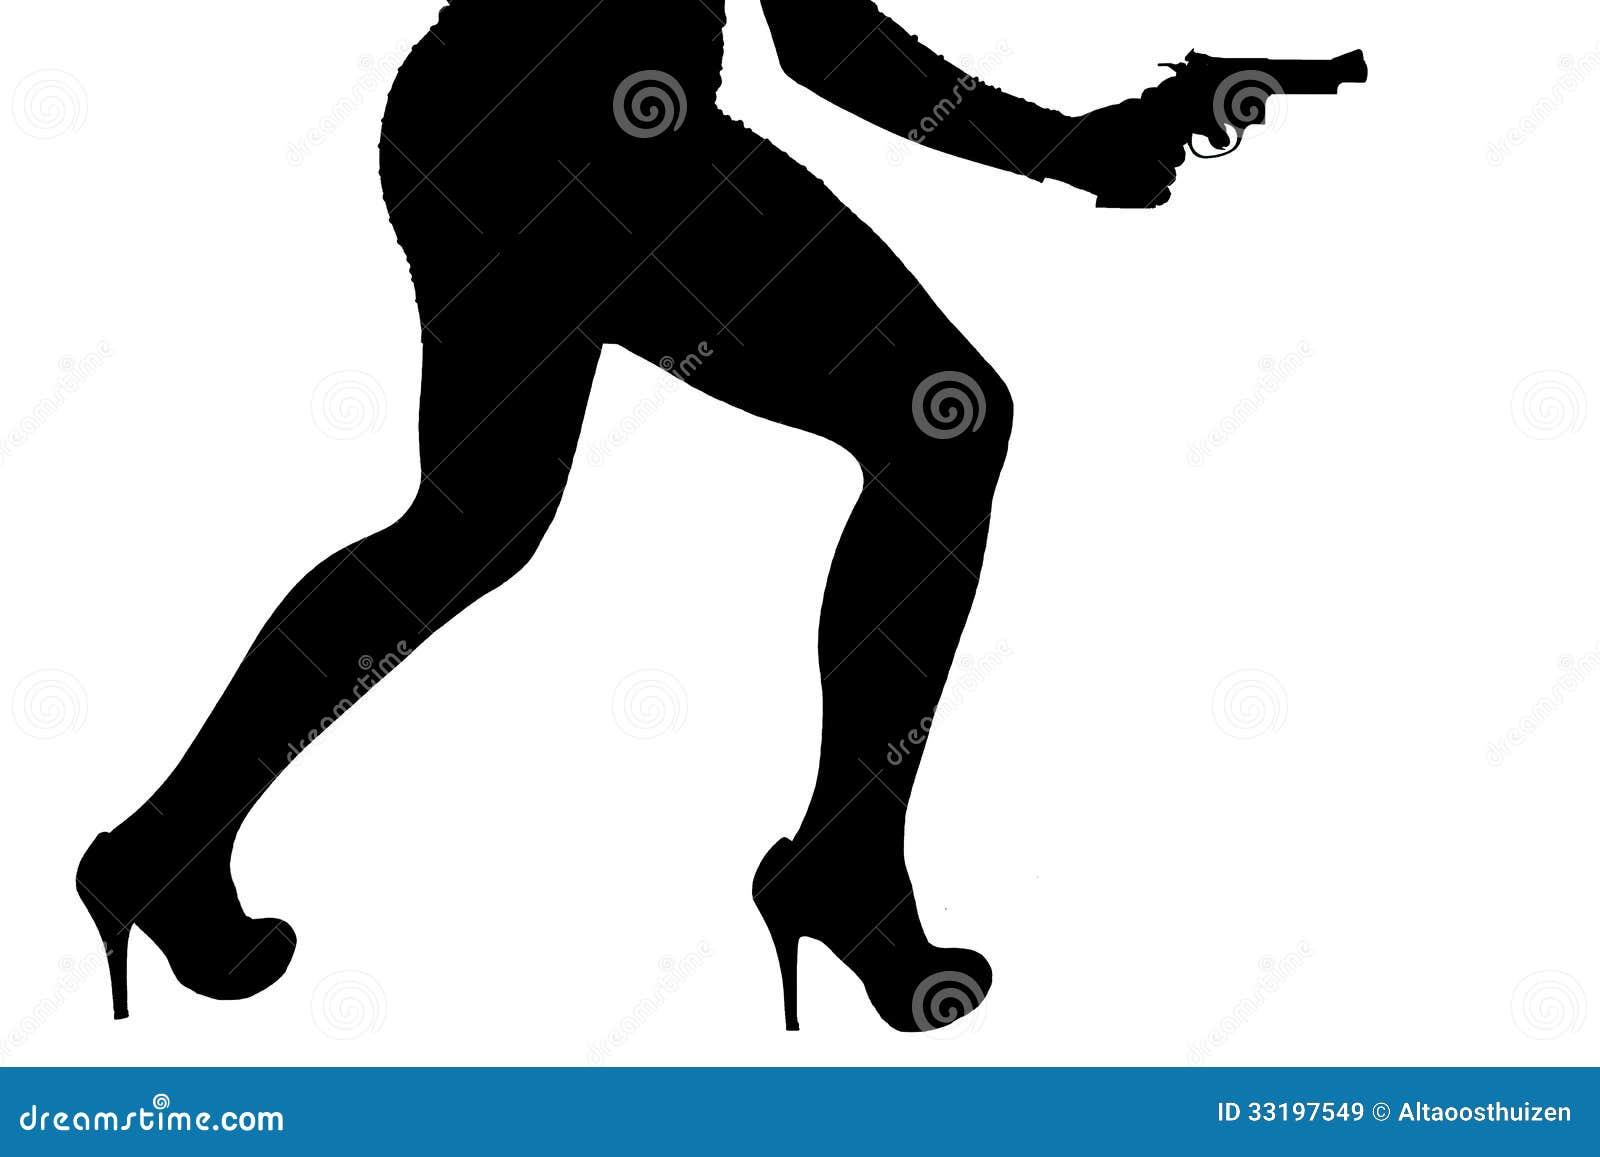 Pés da mulher perigosa com revólver e a silhueta preta das sapatas